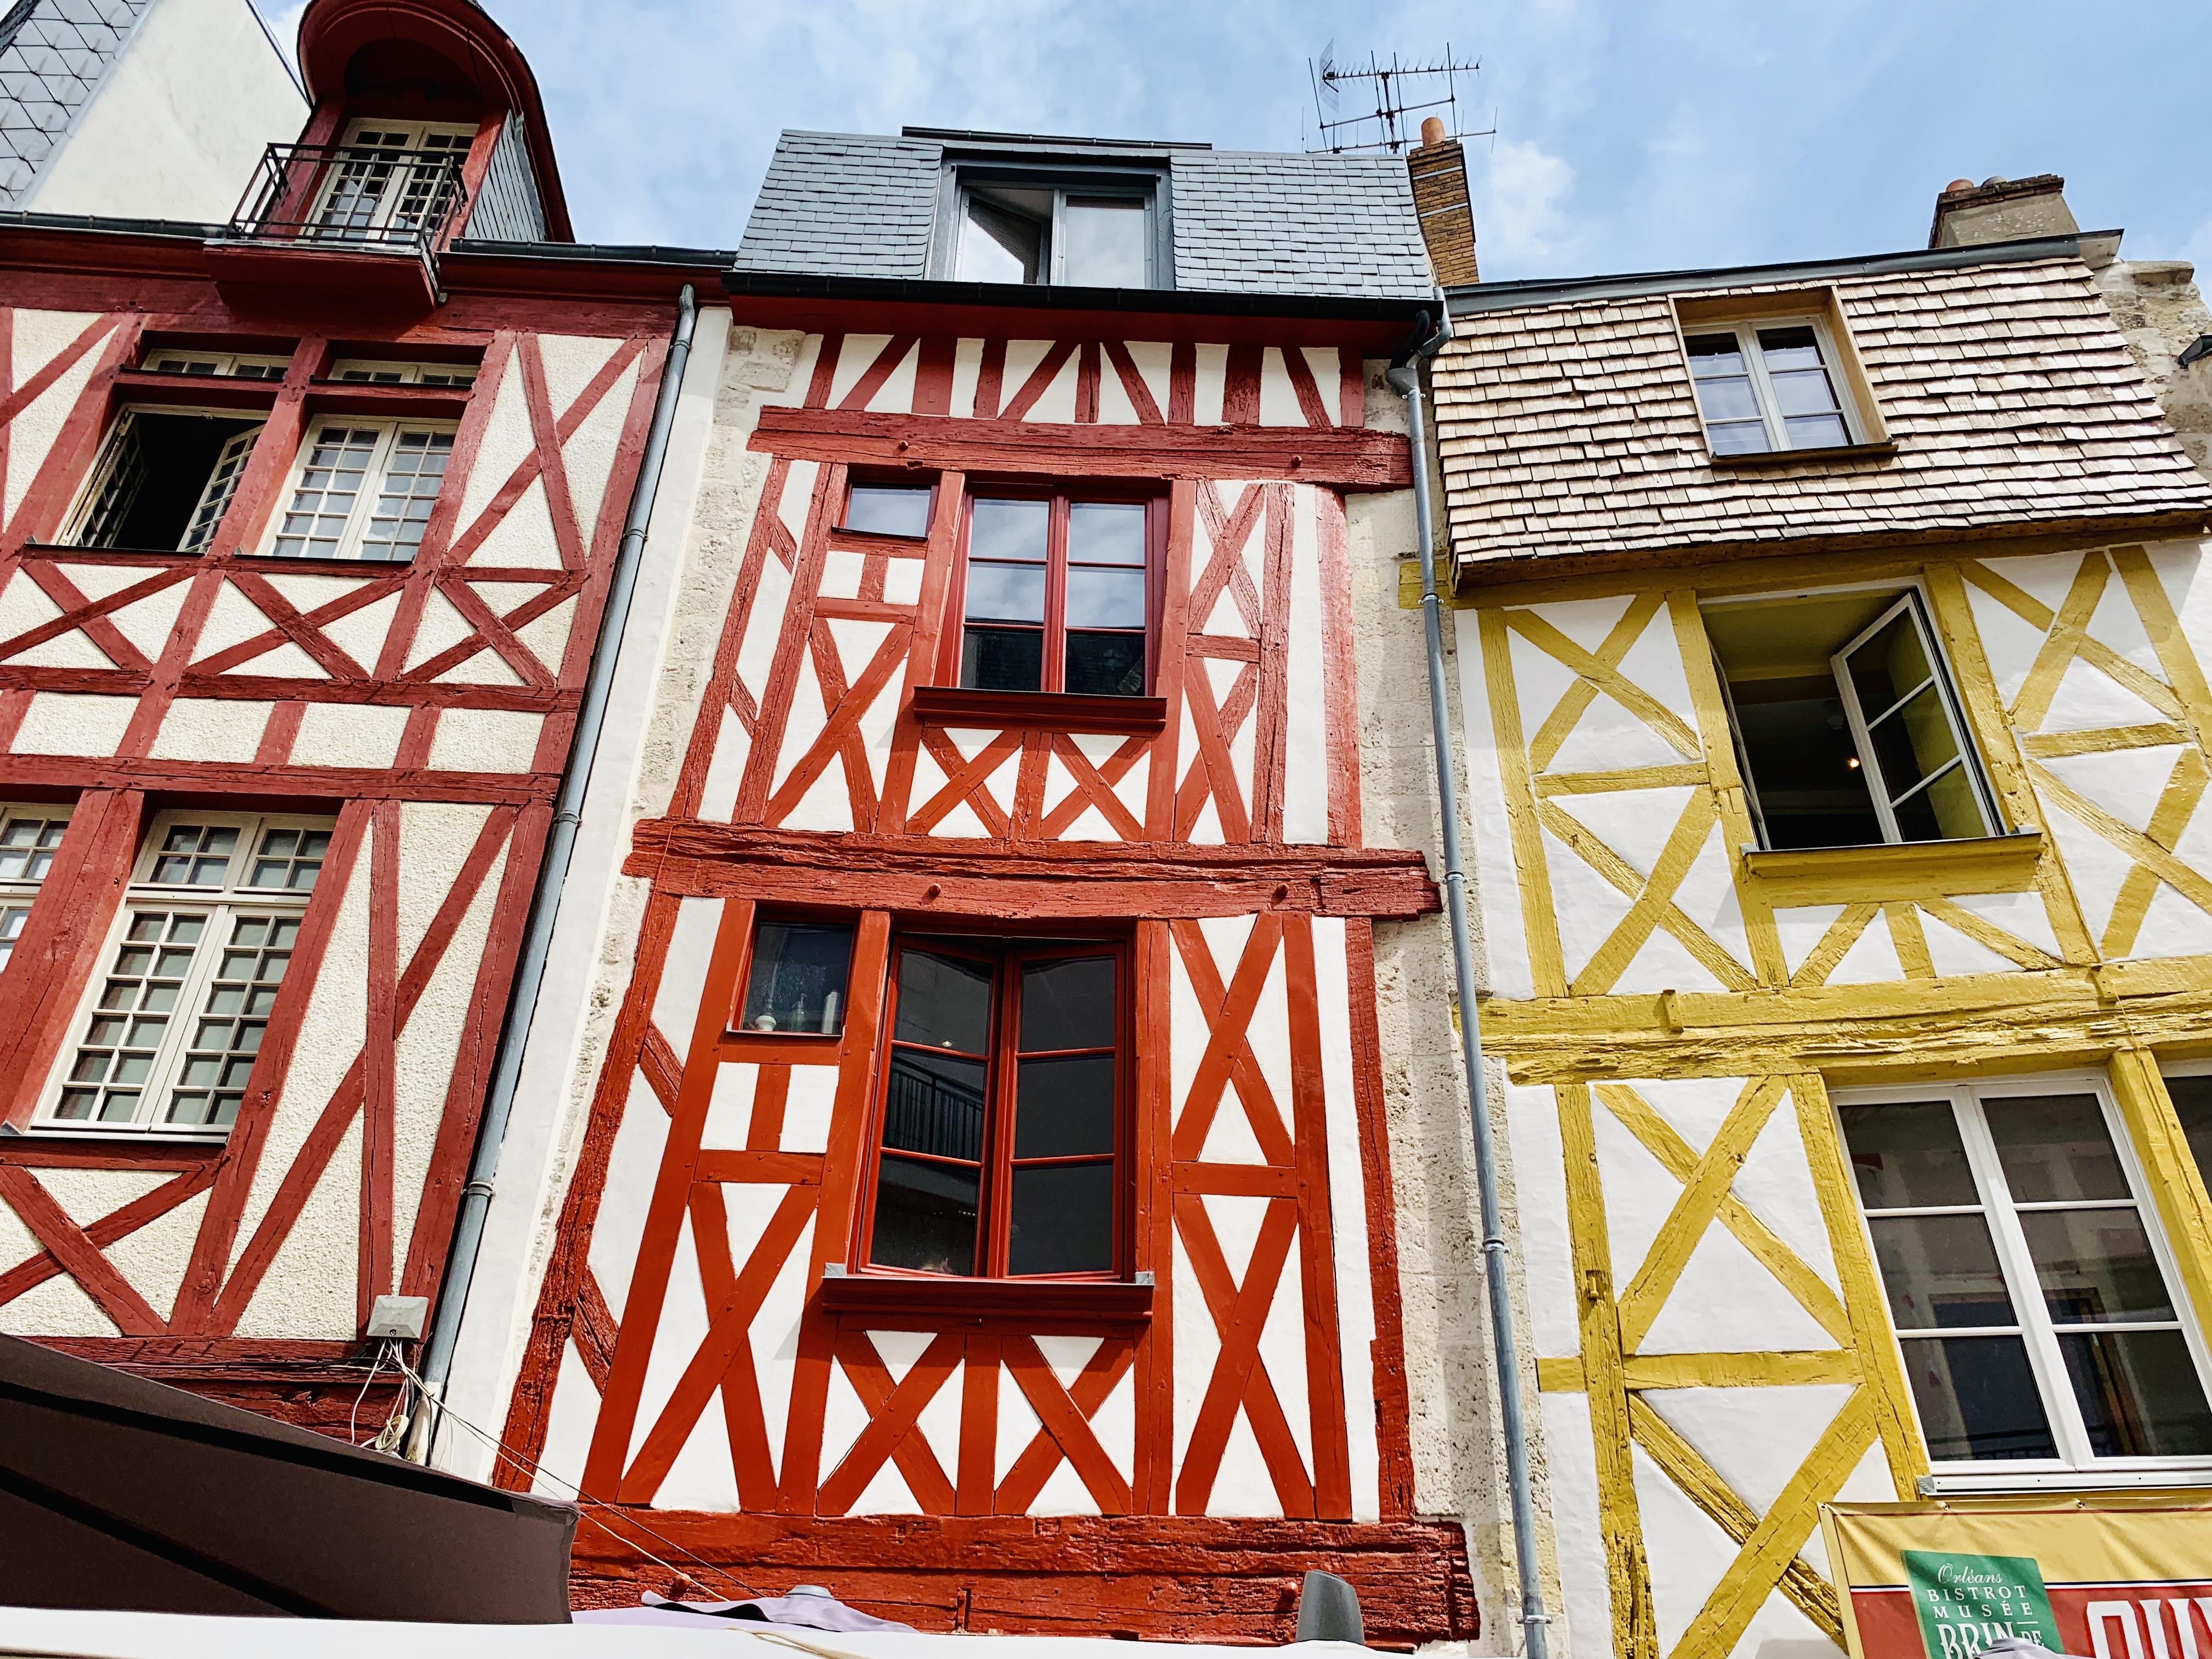 Europa Roadtrip 2019 - Bunte Fachwerkhäuser in Orléans